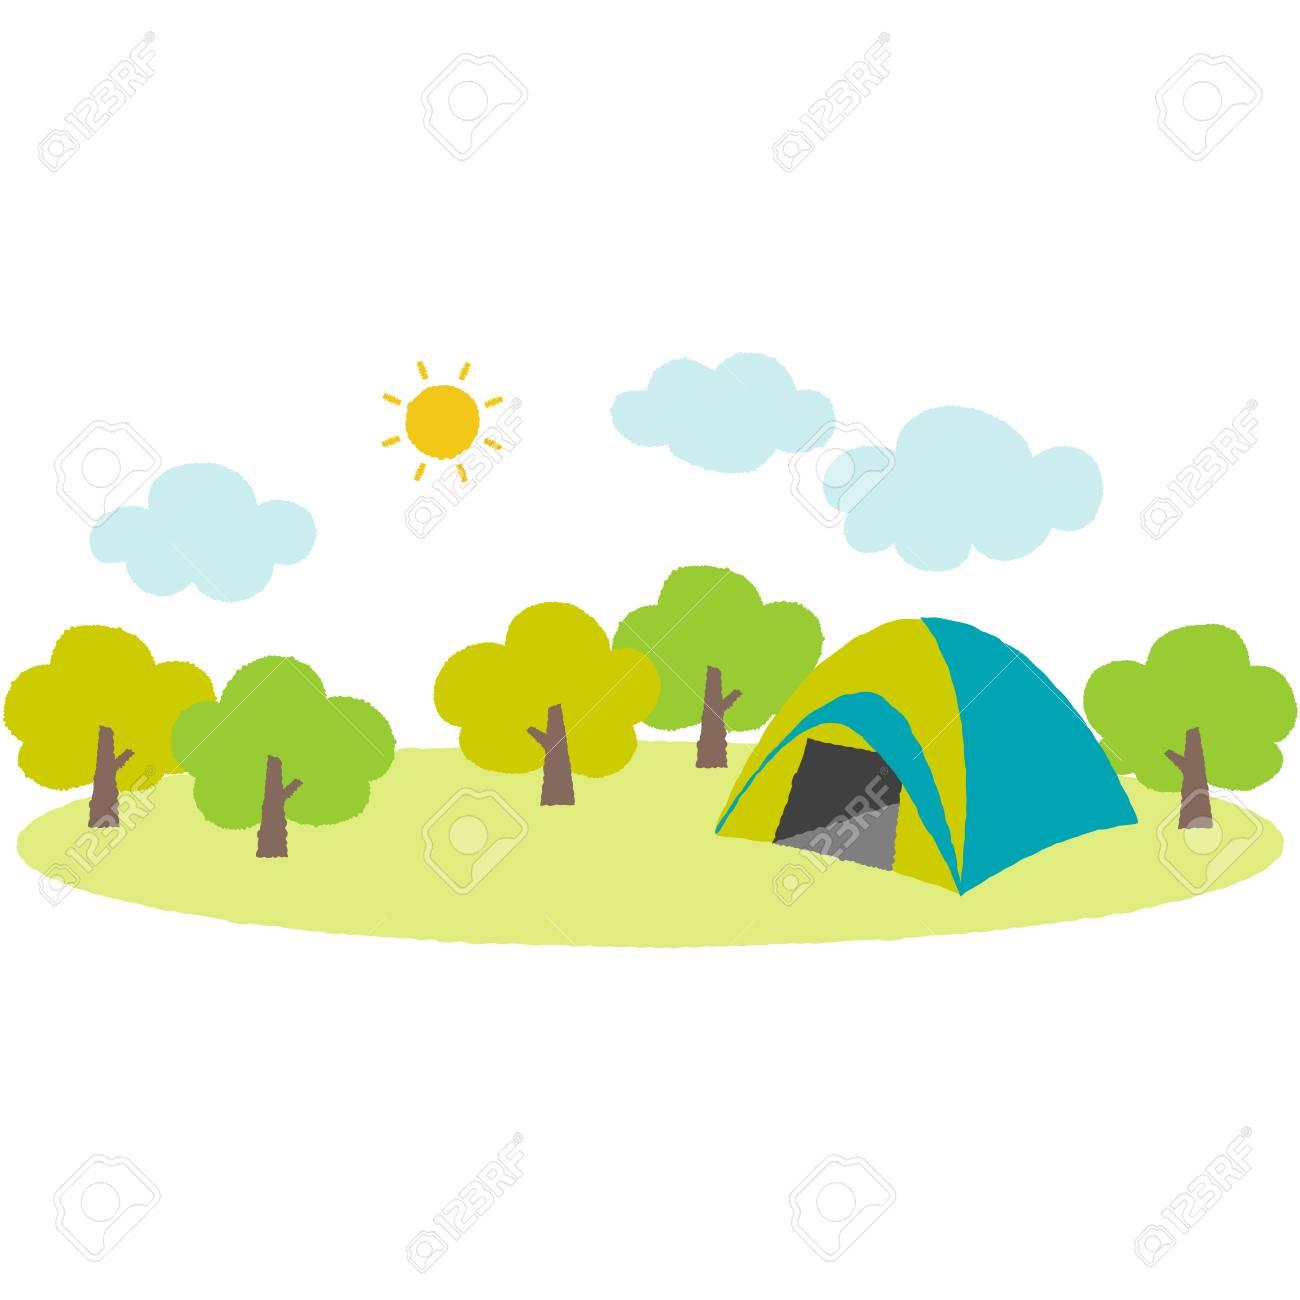 山のキャンプ場のかわいいイラストのイラスト素材ベクタ Image 72501233